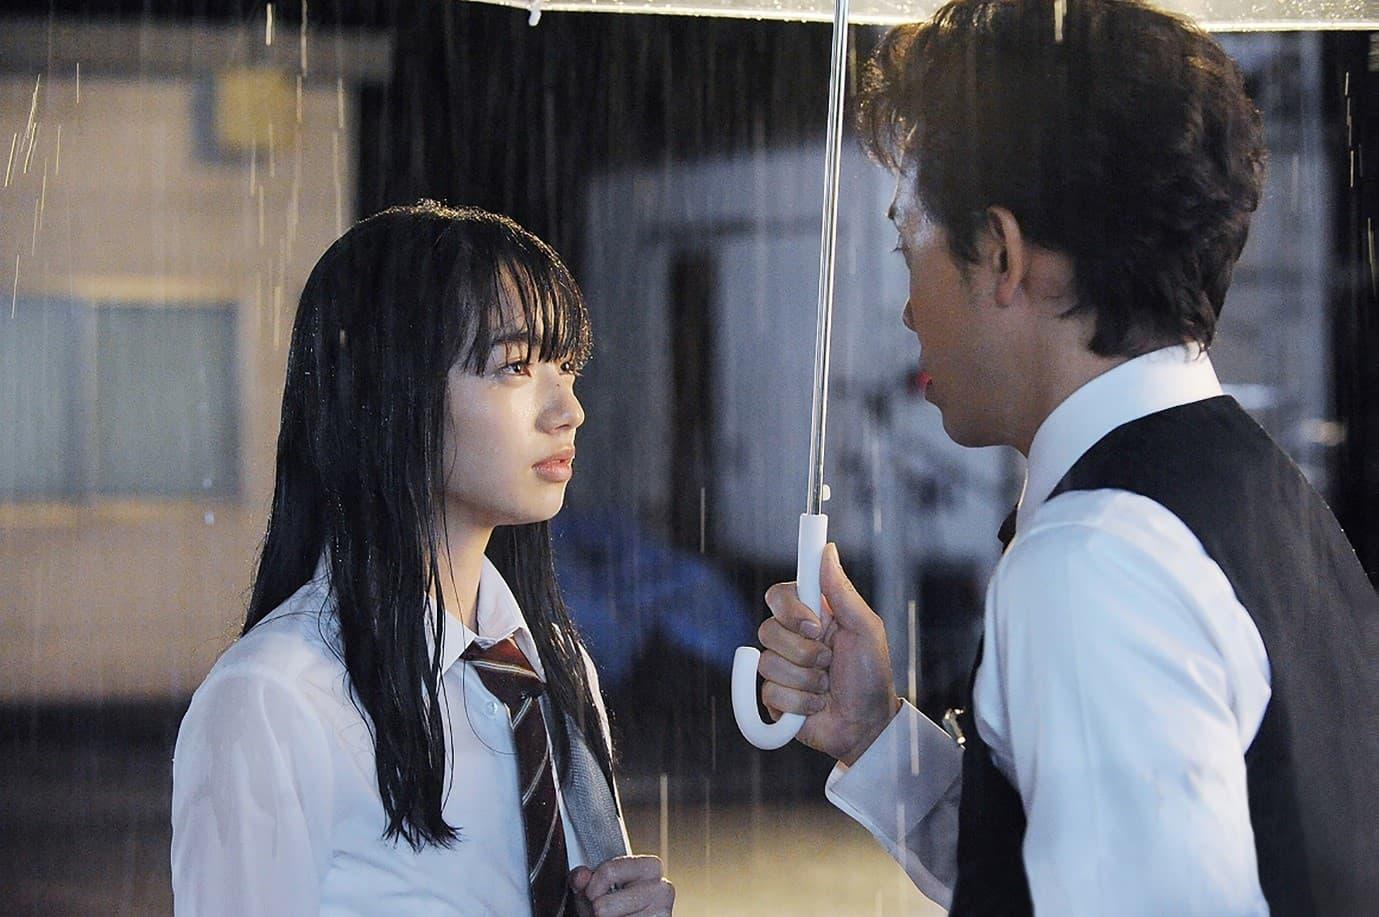 映画「恋は雨上がりのように」画像